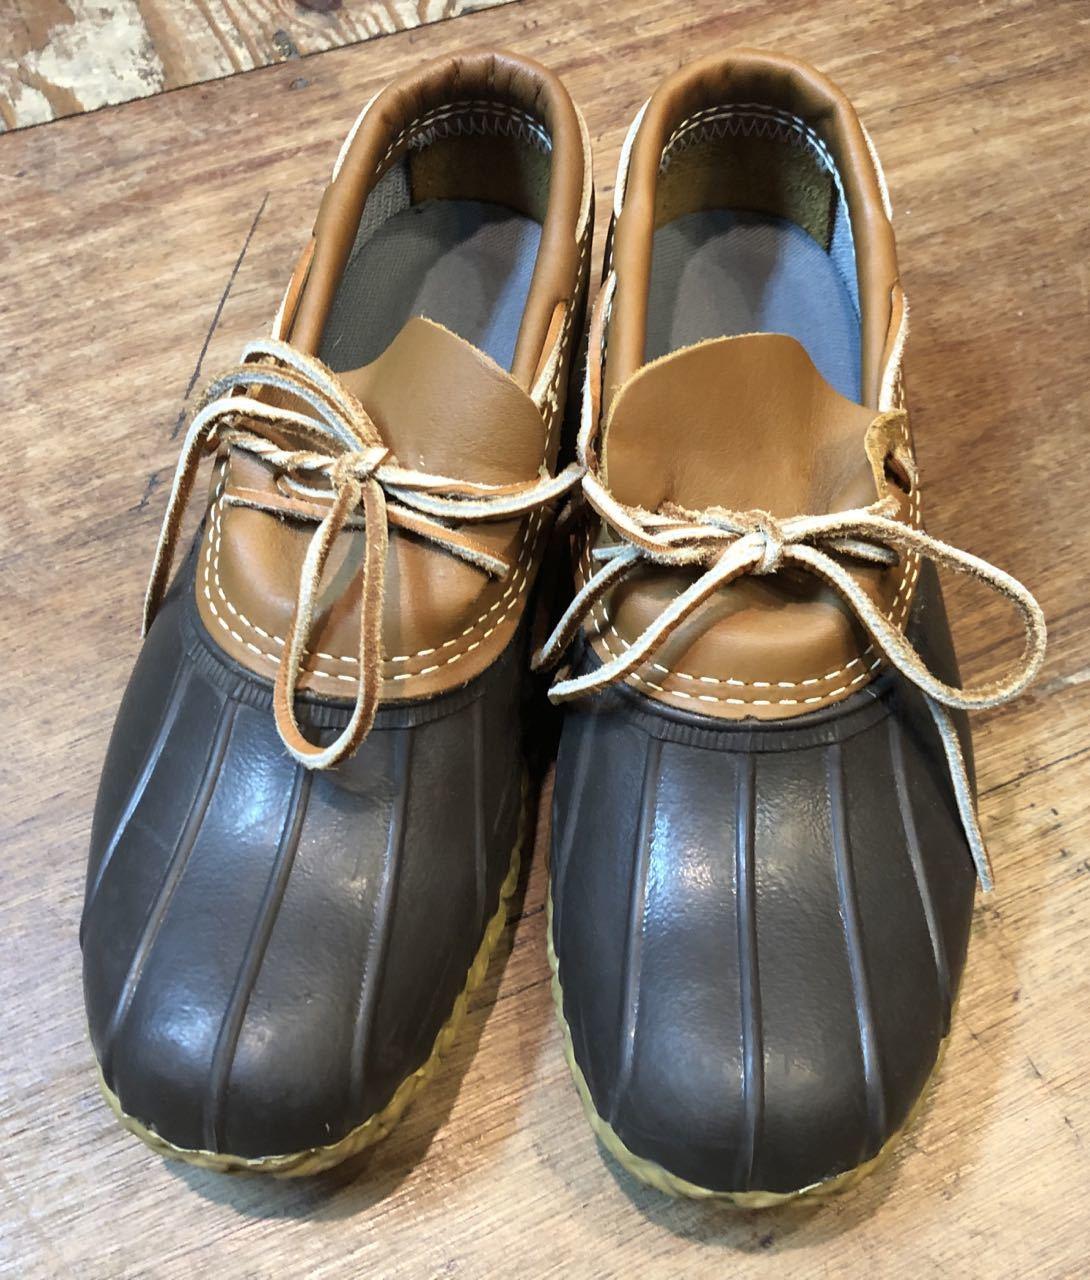 11月30日(土)入荷!! L.L Bean Bean boots !!_c0144020_13485227.jpg